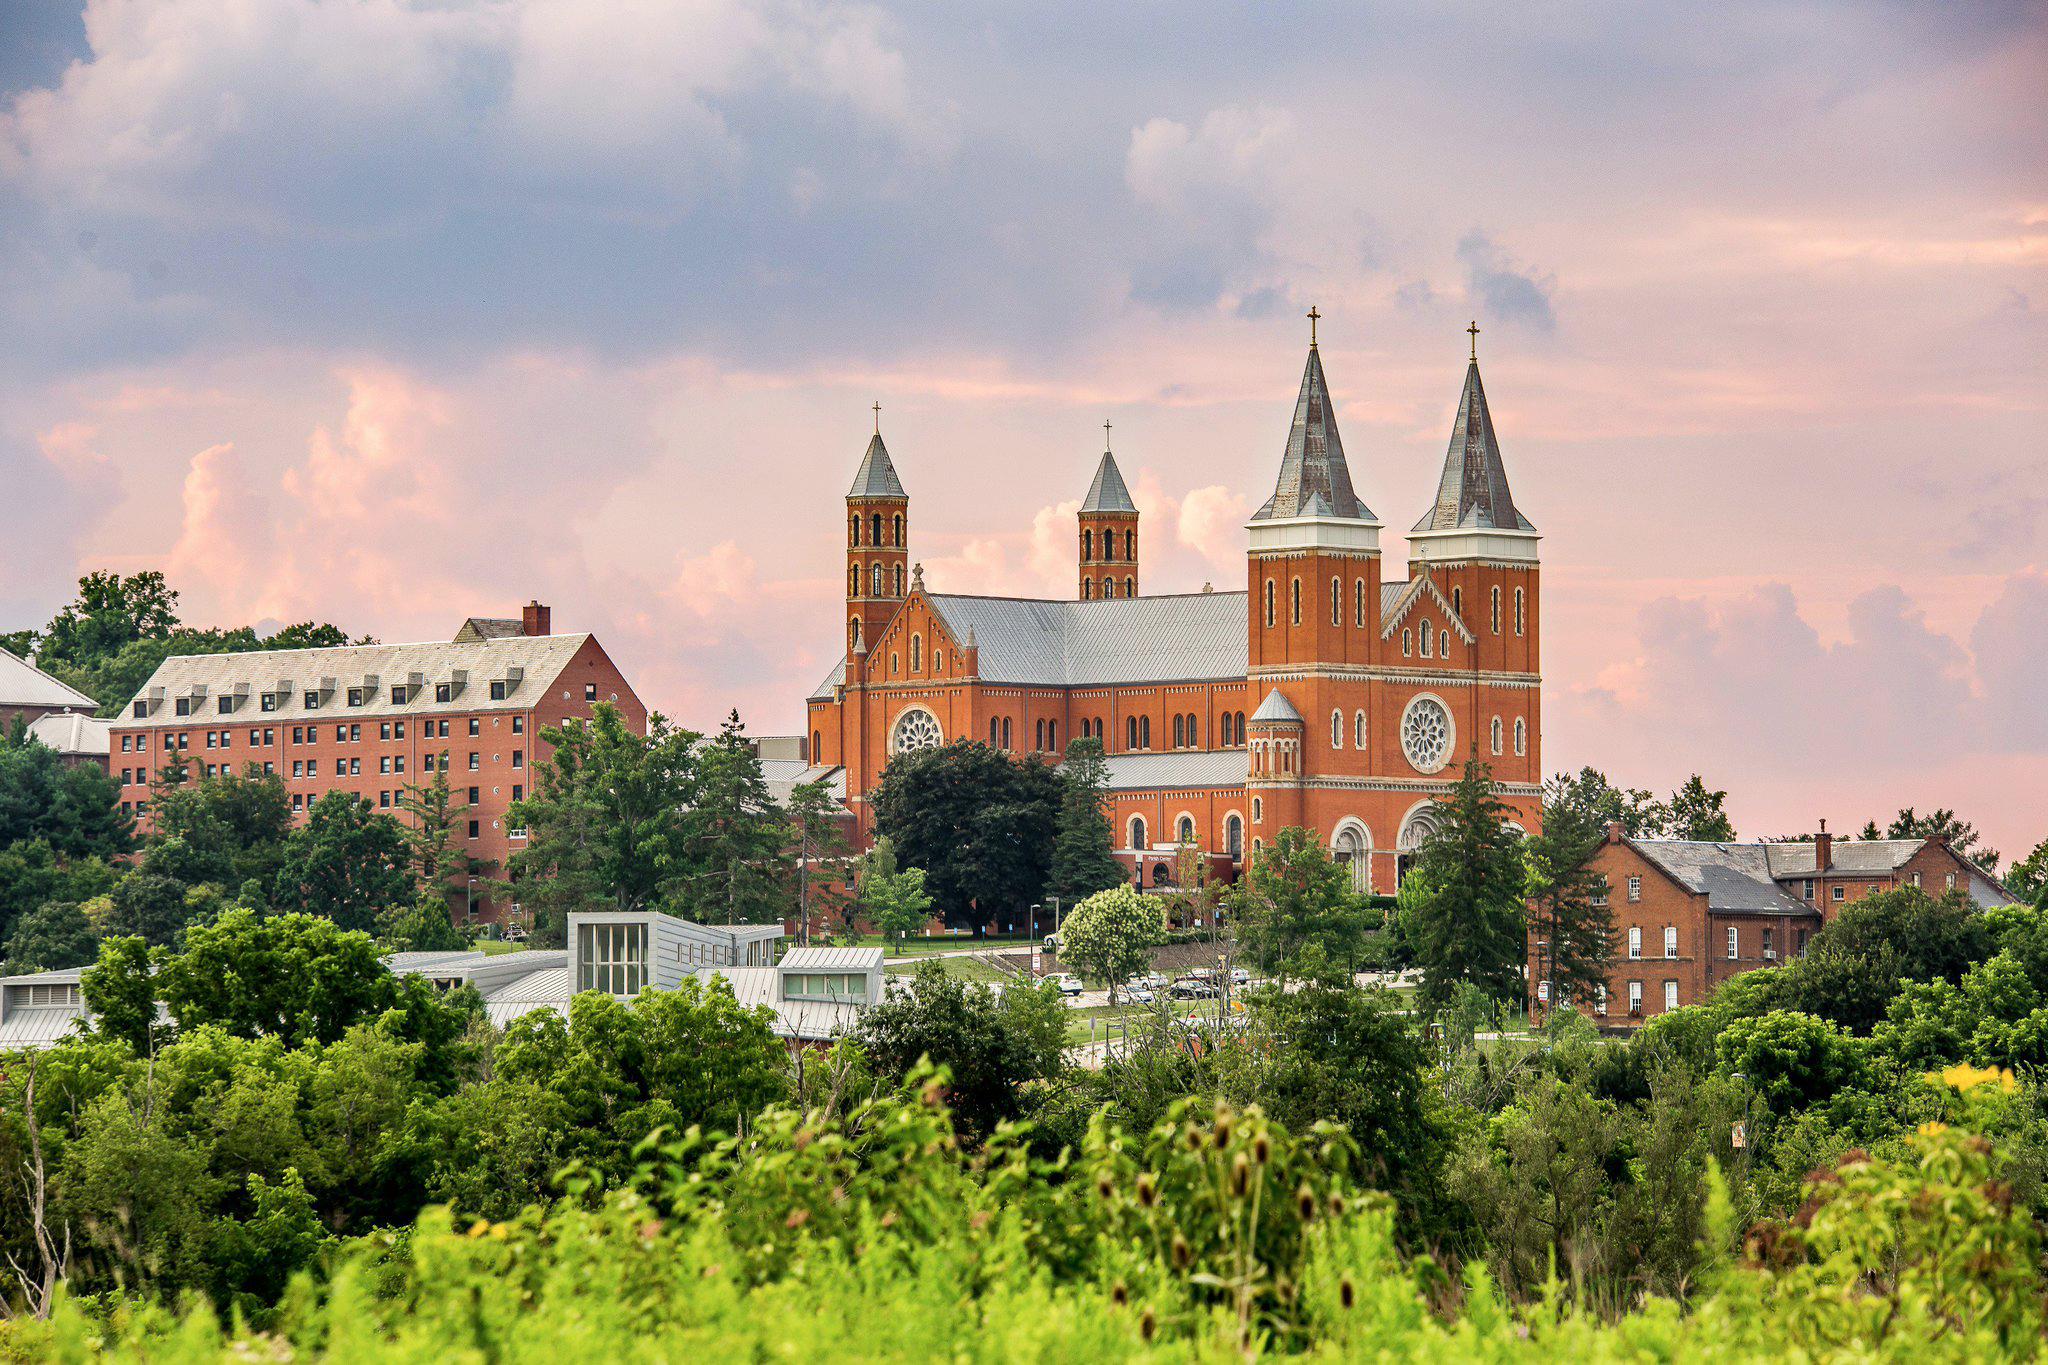 Saint Vincent Basilica rises from the beautiful Pennsylvania landscape. Photo by Saint Vincent College.